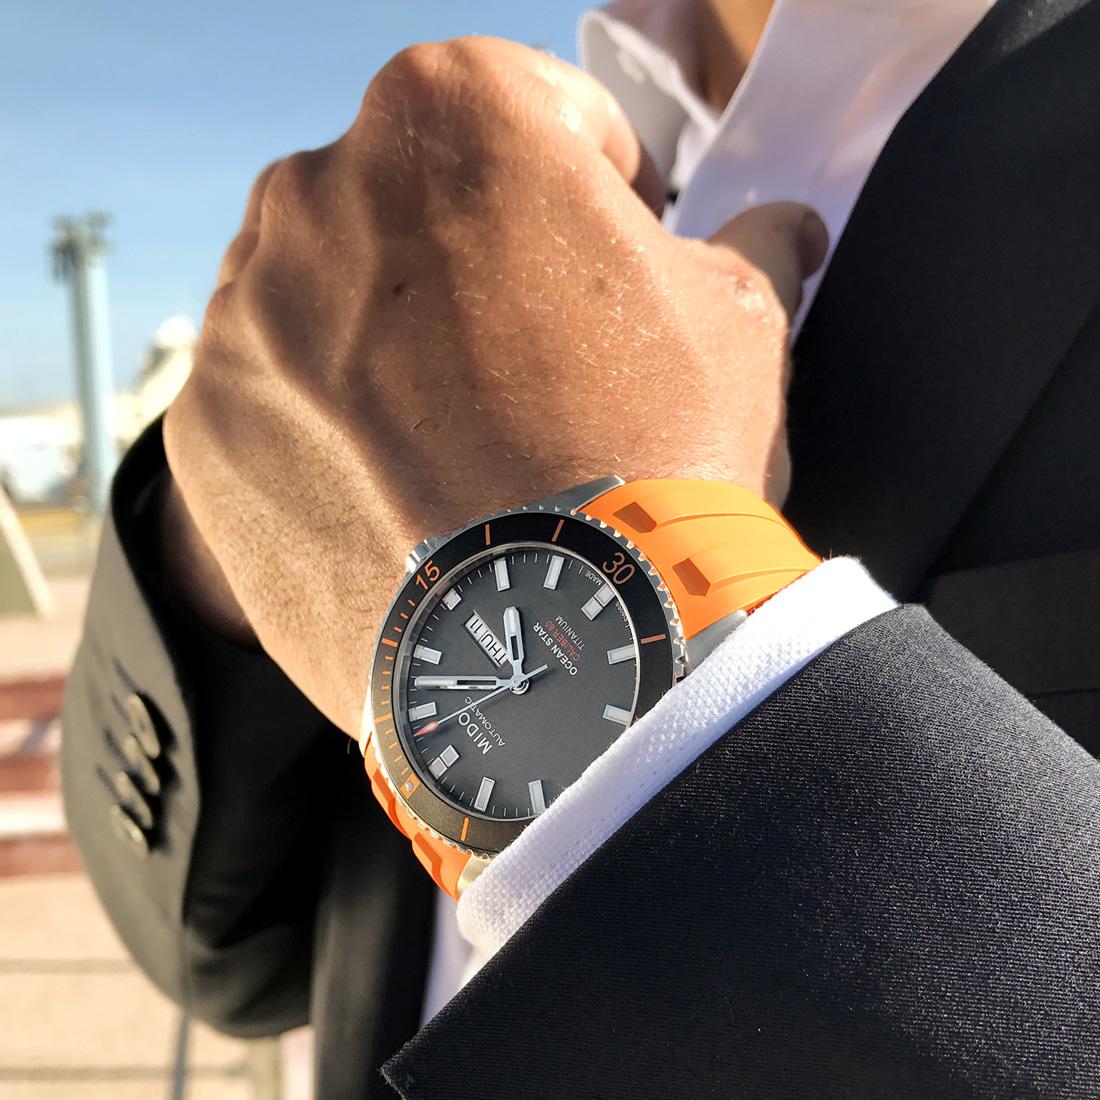 Hombre con el reloj MIDO con correas naranjas y caratula plateada